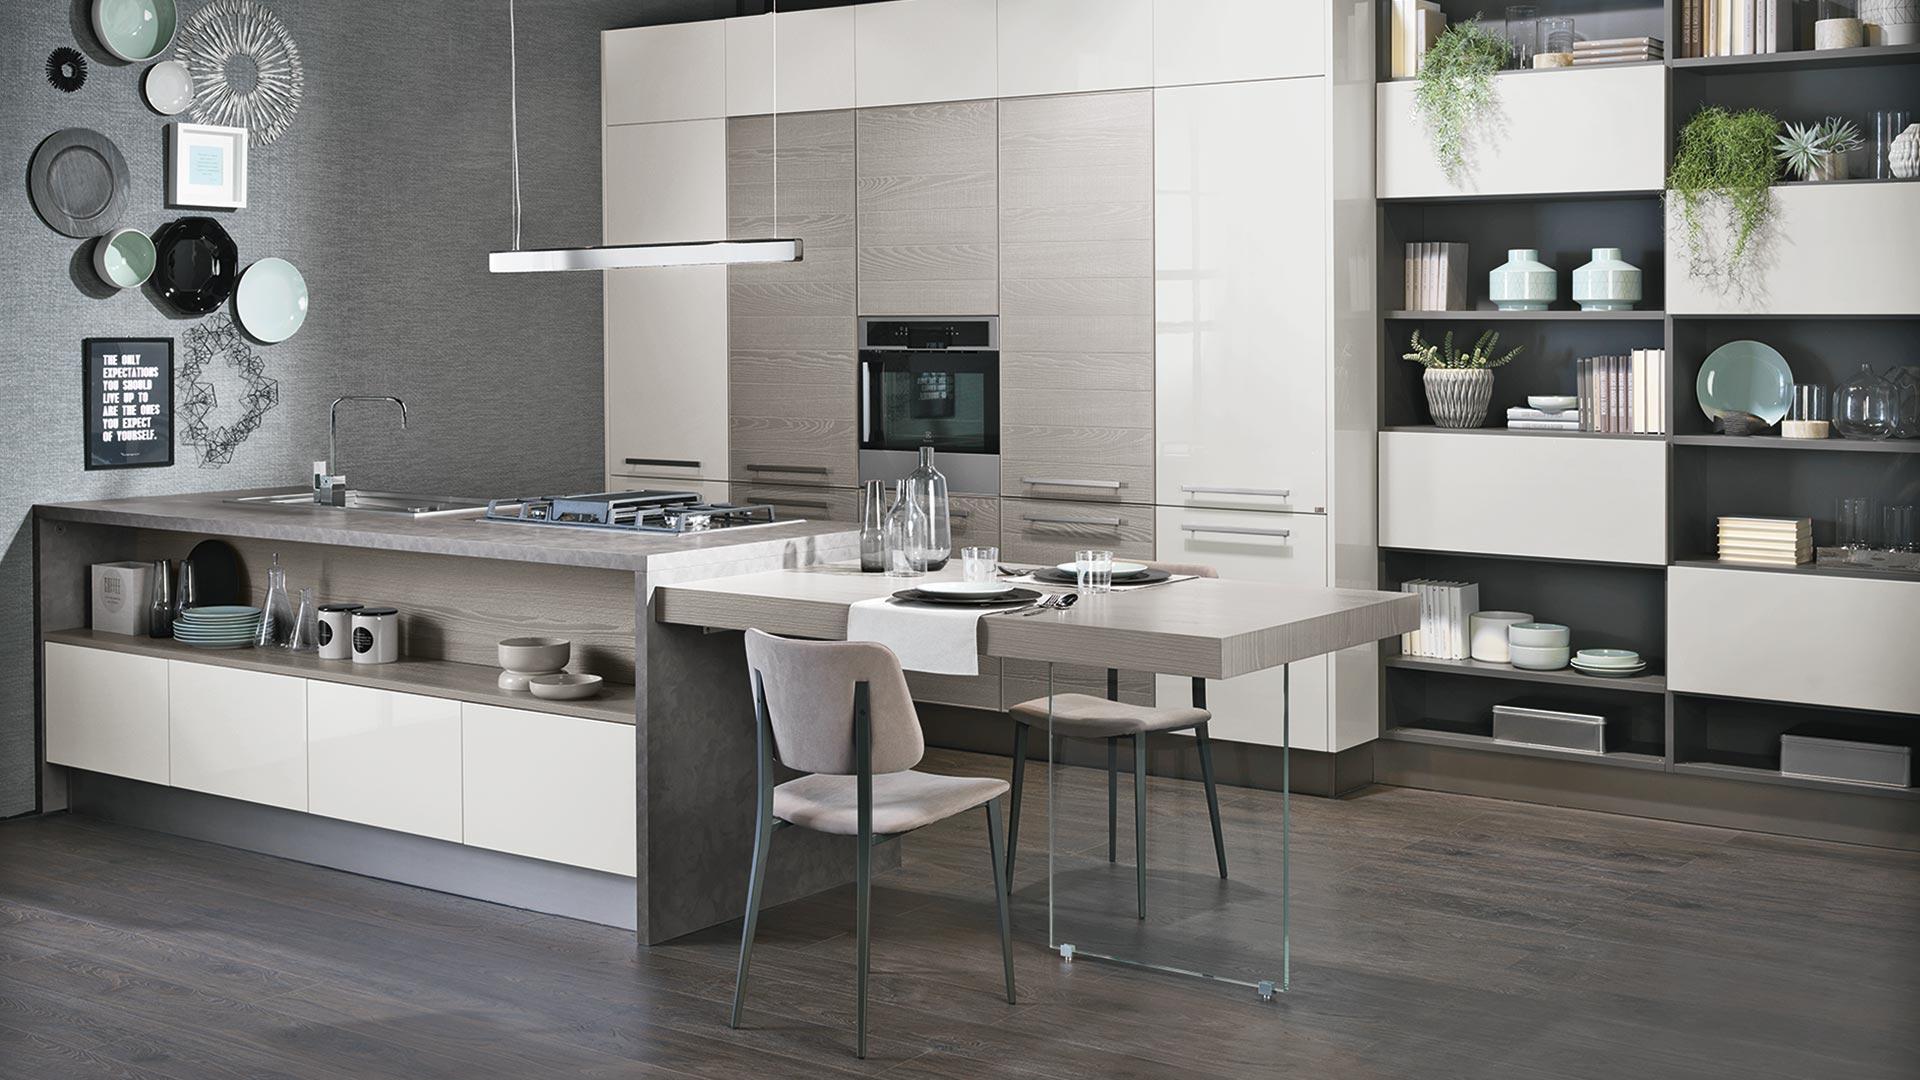 Adele project - Cucine Moderne - Scheda prodotto - Cucine Lube